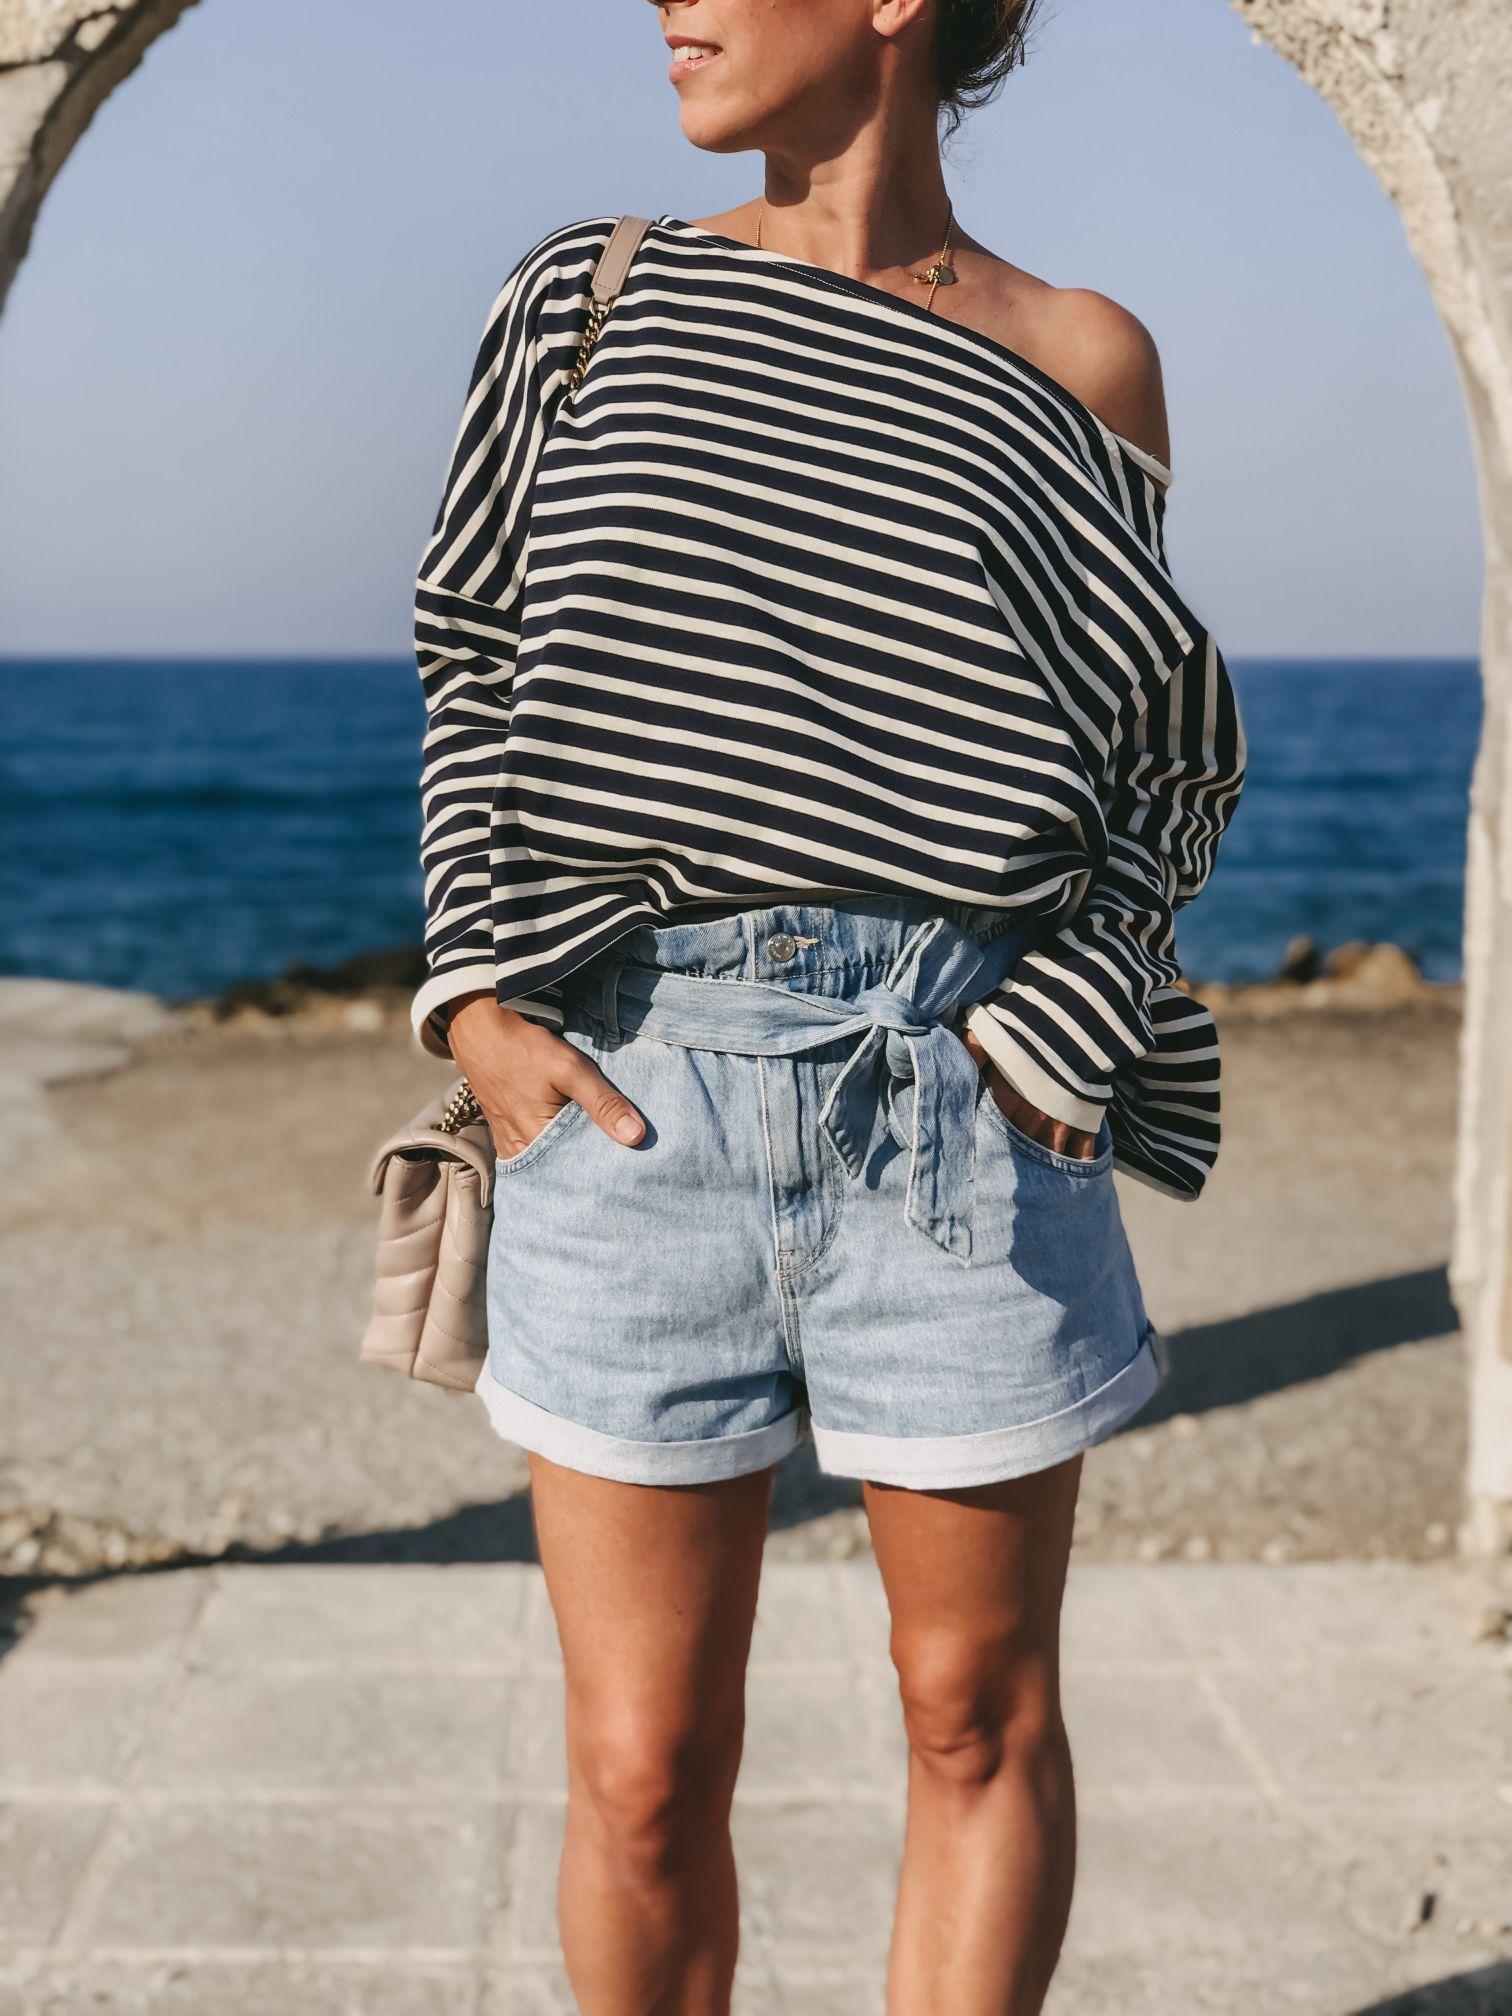 Streifen kombinieren zu Paperbag Denim Shorts